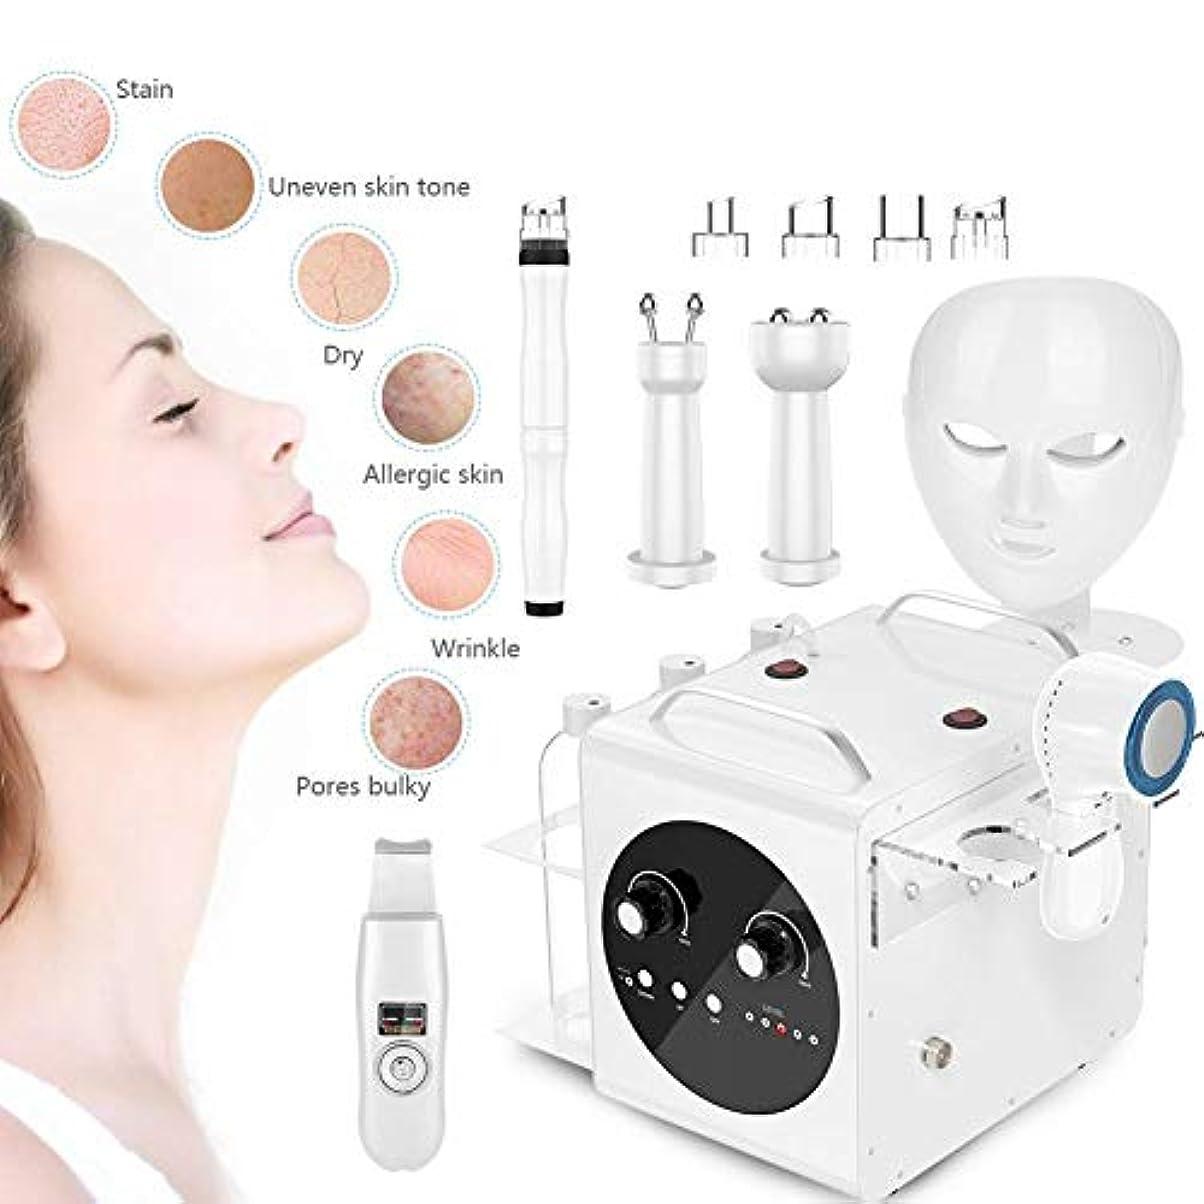 おんどり本当のことを言うと寝る7に1つの酸素ジェット顔の肌の引き締めケアに黒ずみの除去、肌の引き締め、美白、肌の若返り、ホームサロンの使用のための超音波真空RFマシン(110-240v)